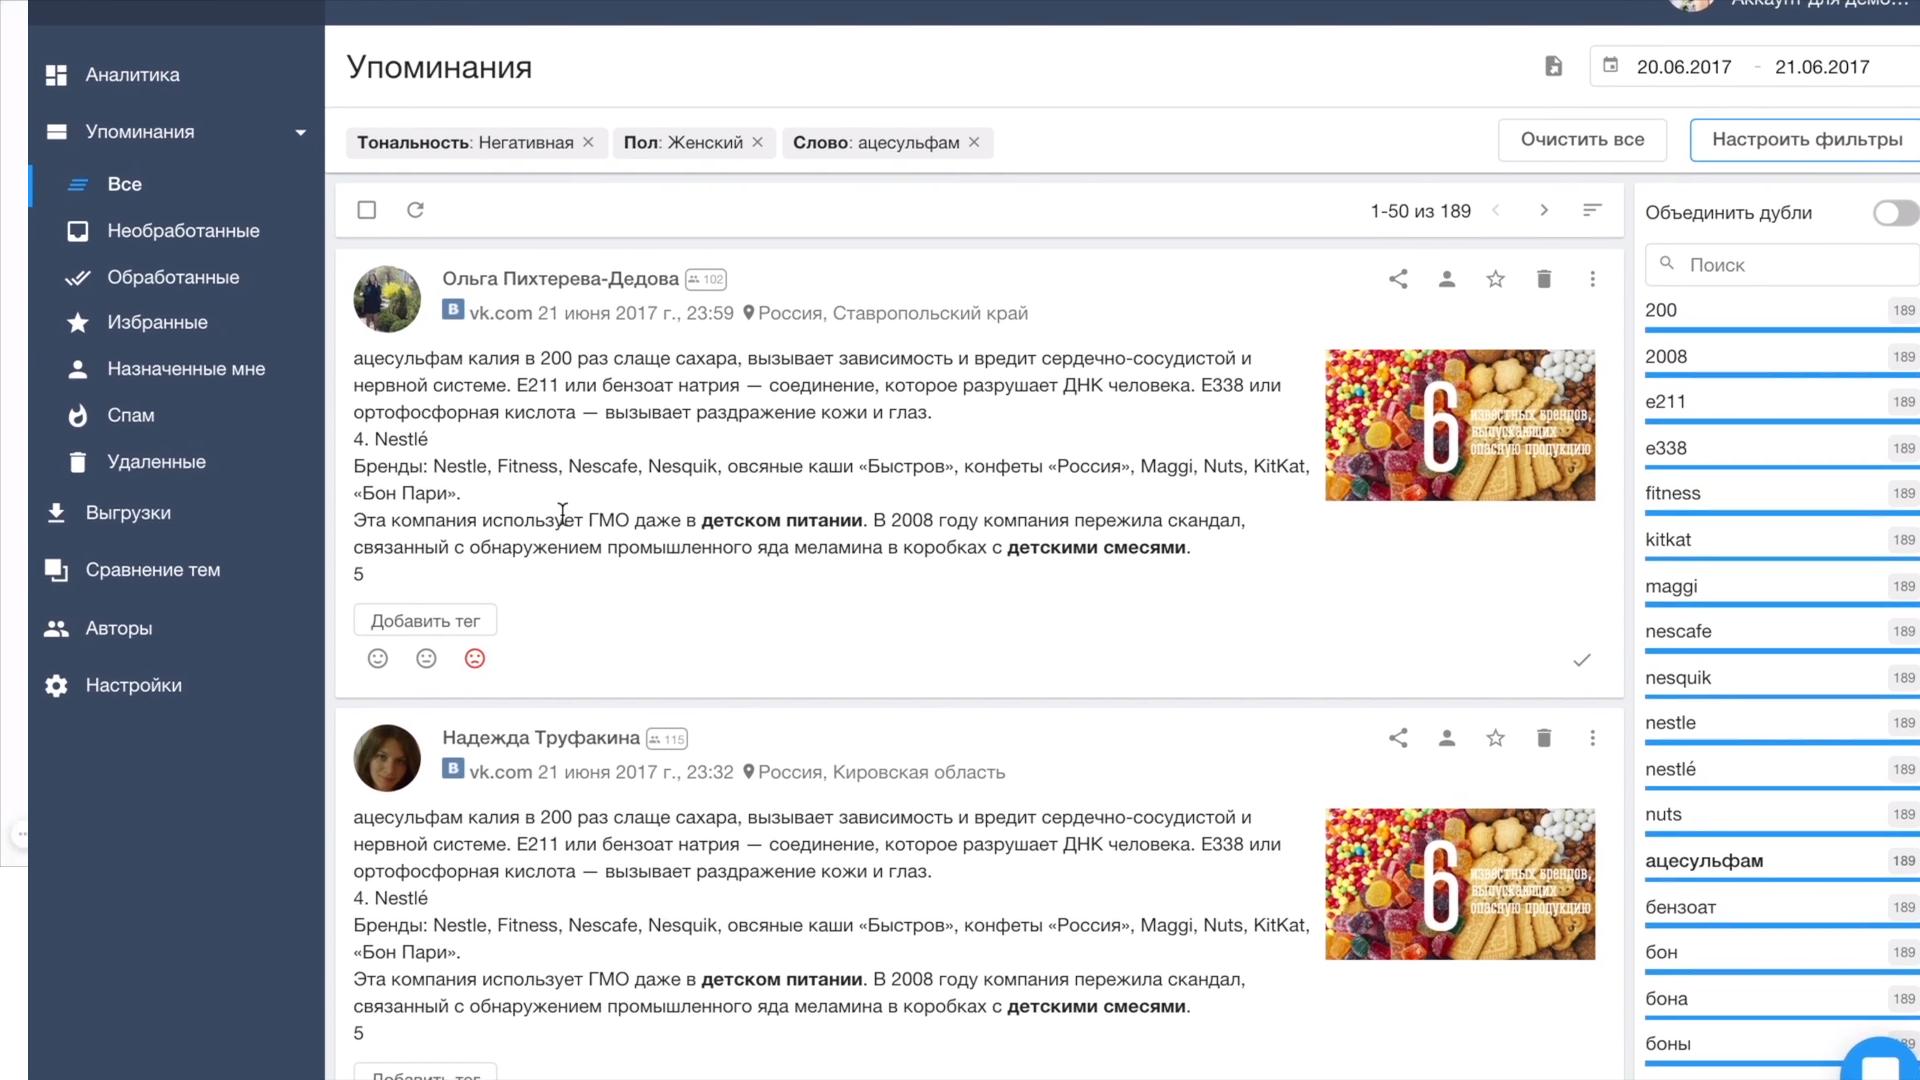 Работа с упоминаниями объектов в социальных сетях в программном продукте для PR YouScan